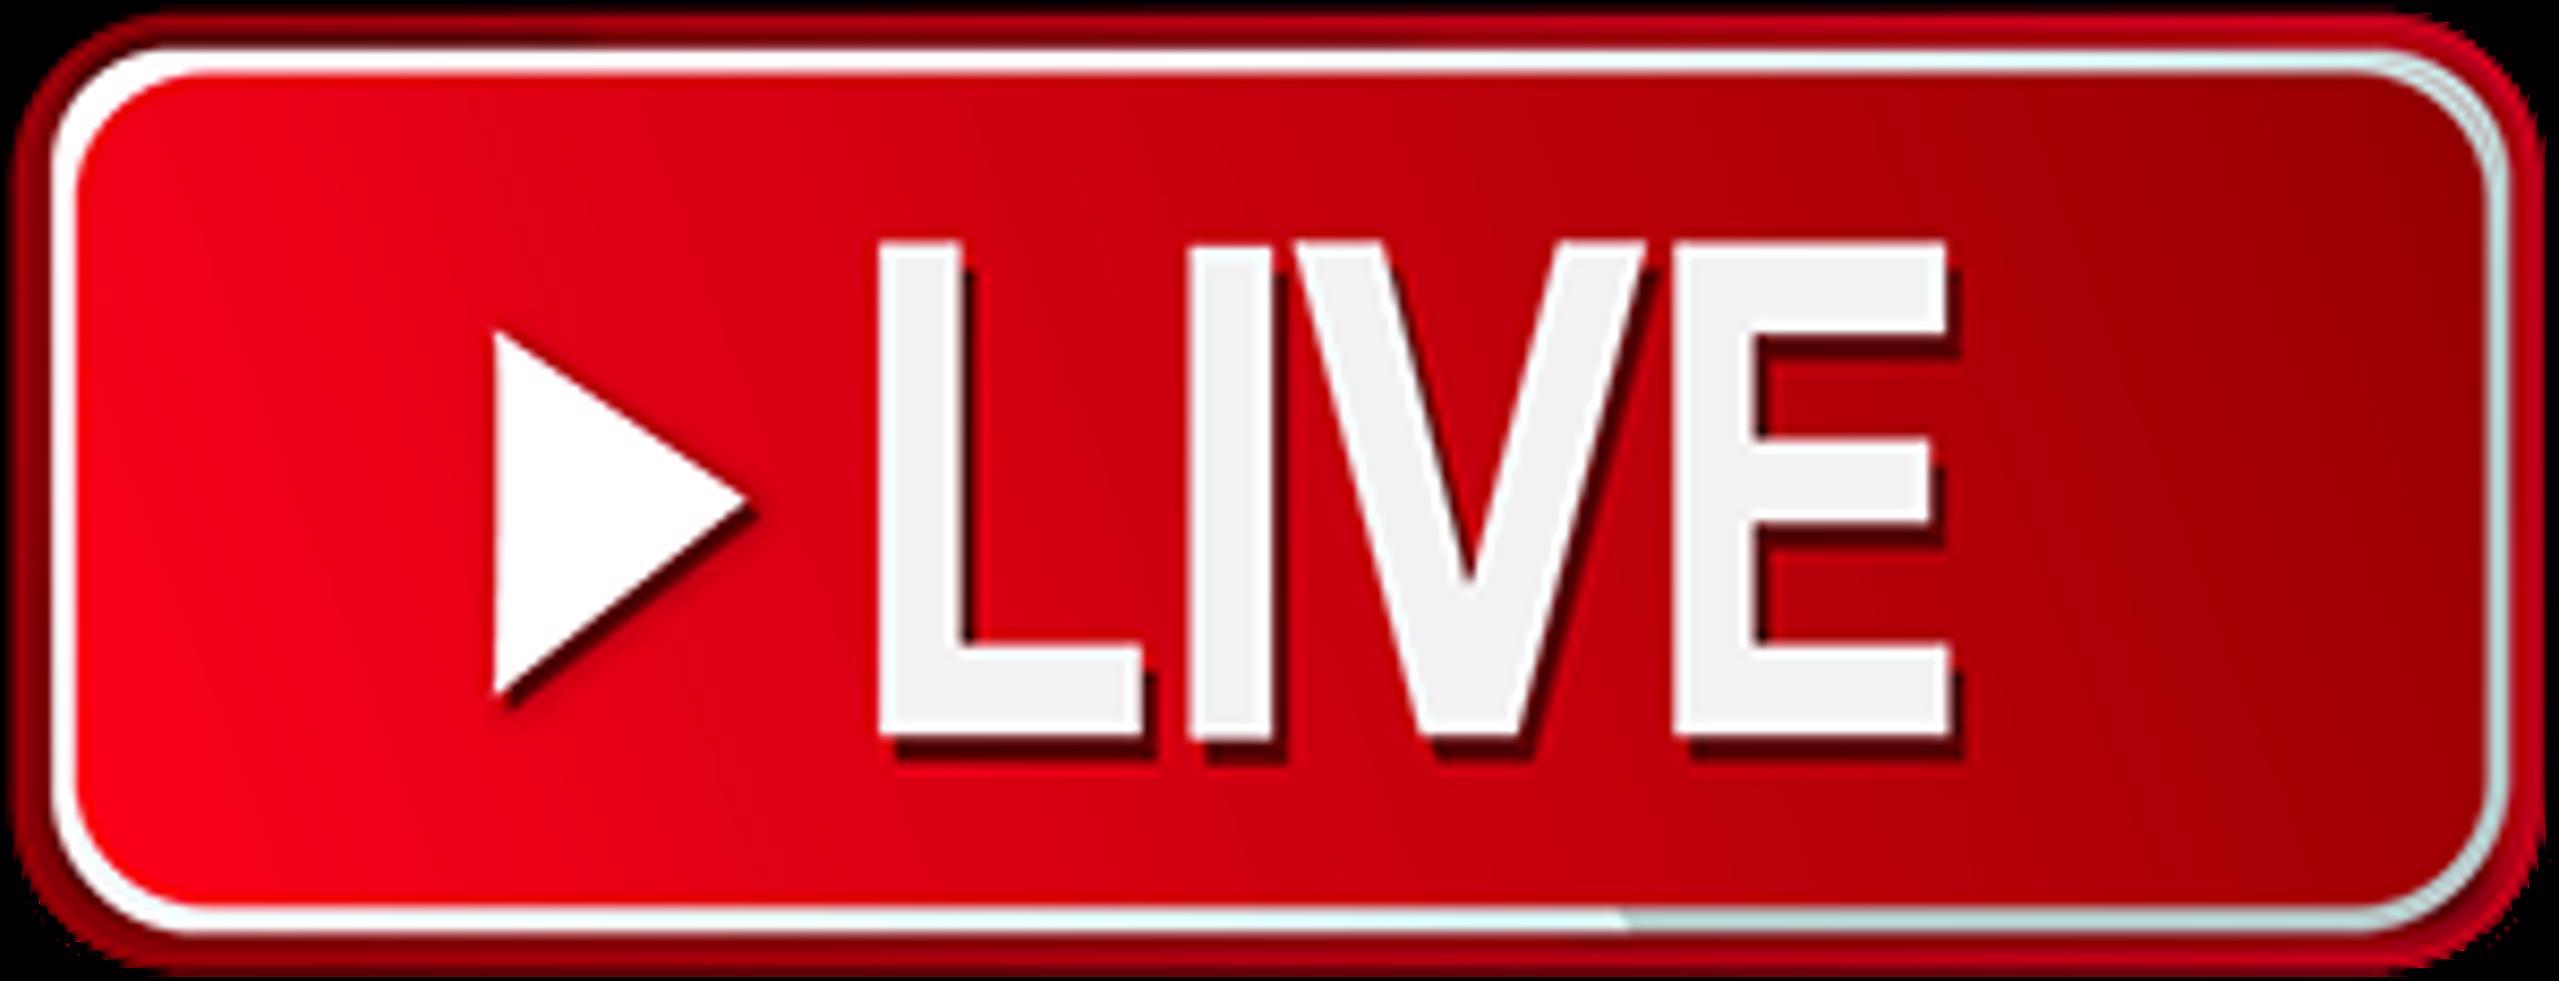 ดูทีวีออนไลน์ one31 Live ดูสดละคร ซิตคอม ดูฟรีตลอด 24 ชั่วโมง